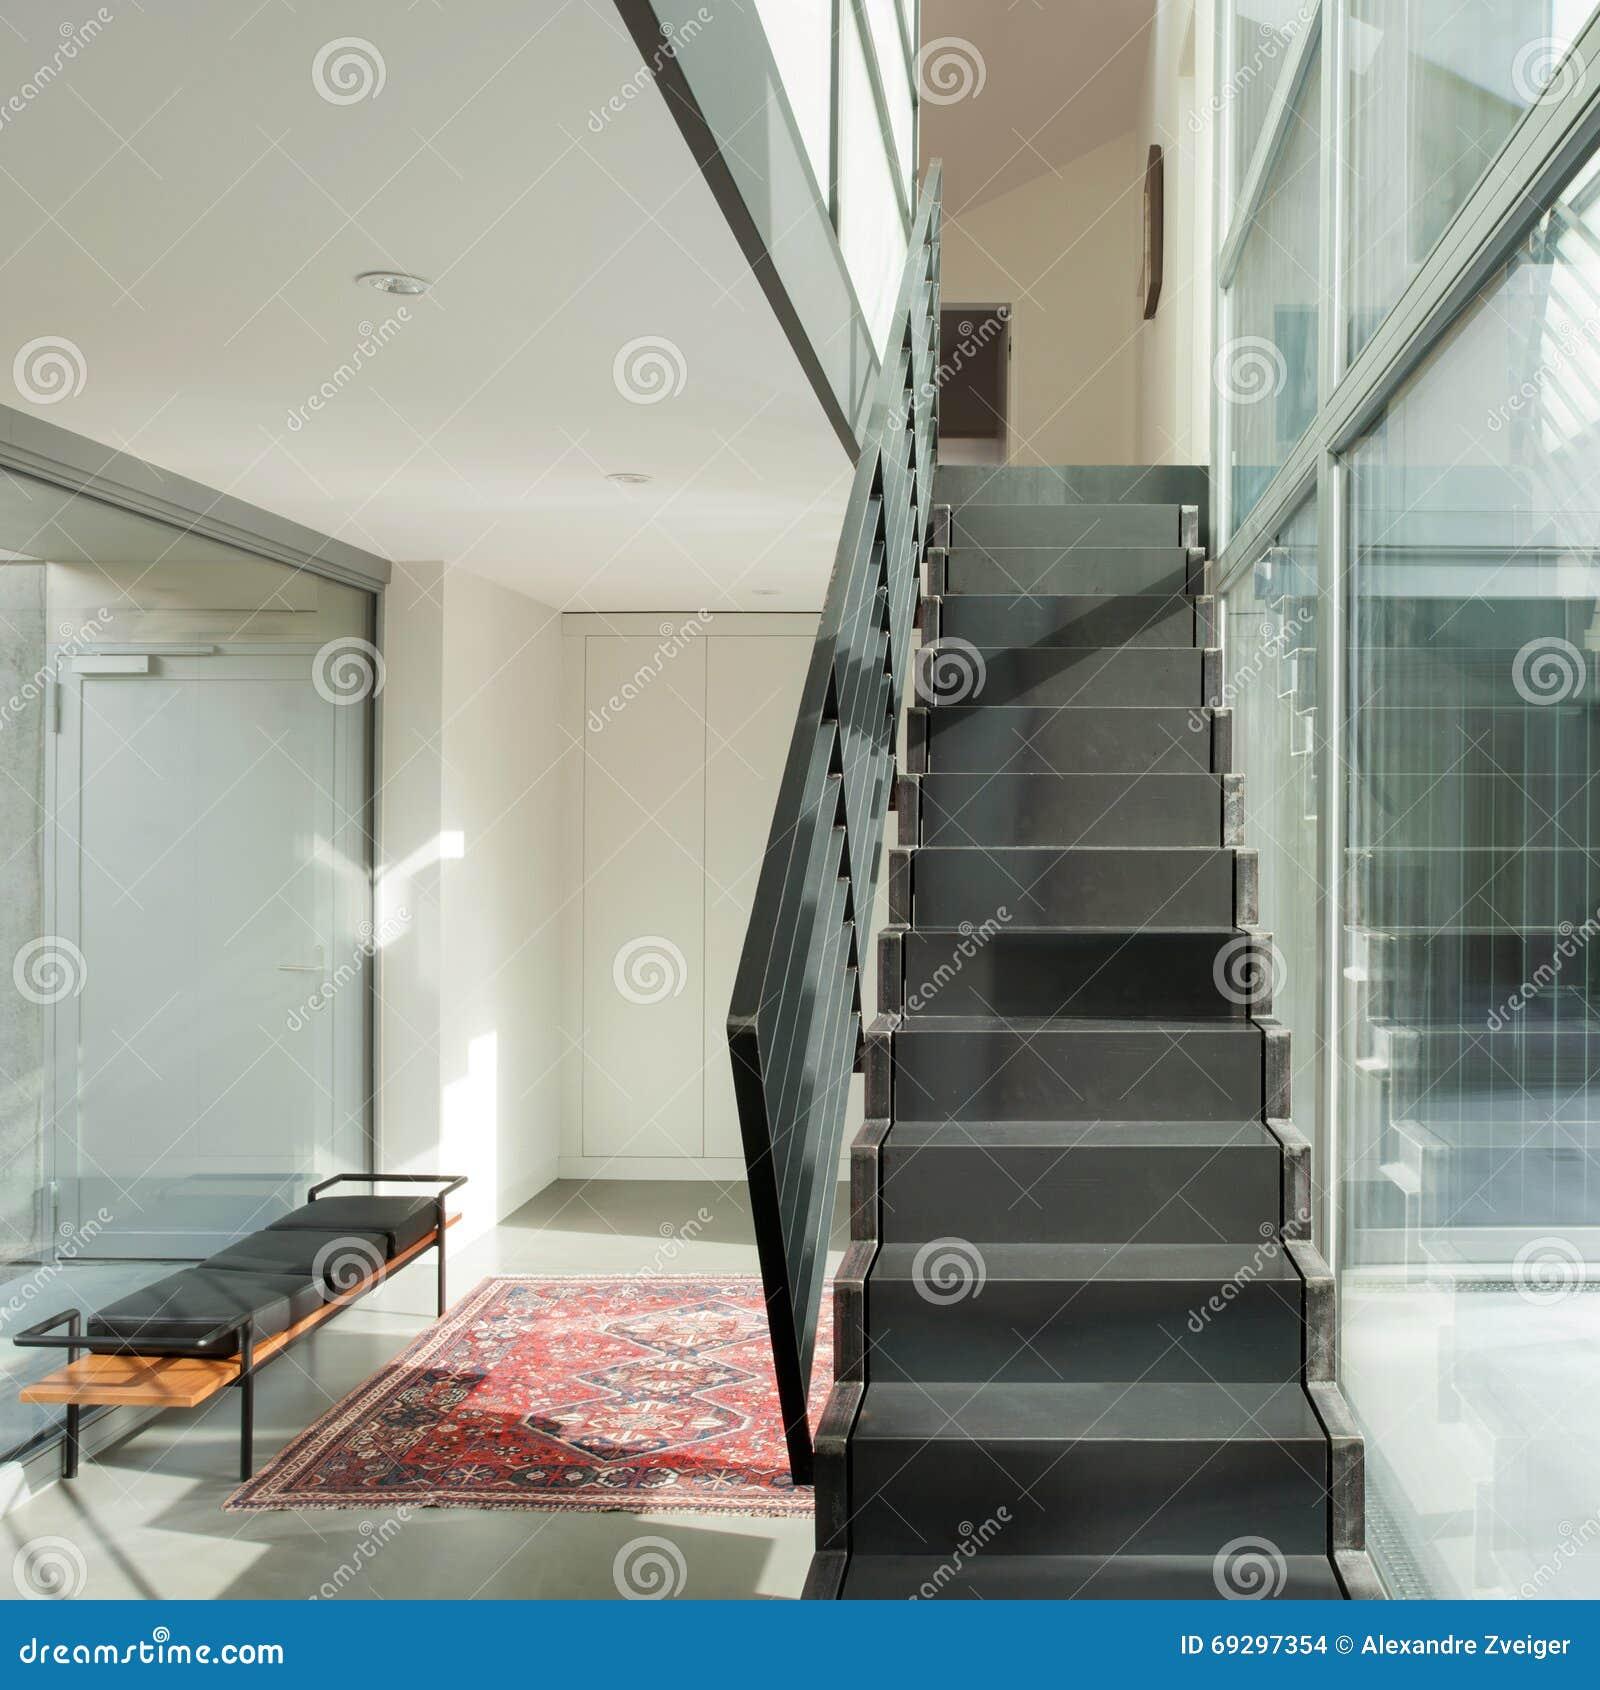 Escalier Interieur Maison Moderne intérieur, escalier de fer d'une maison moderne photo stock